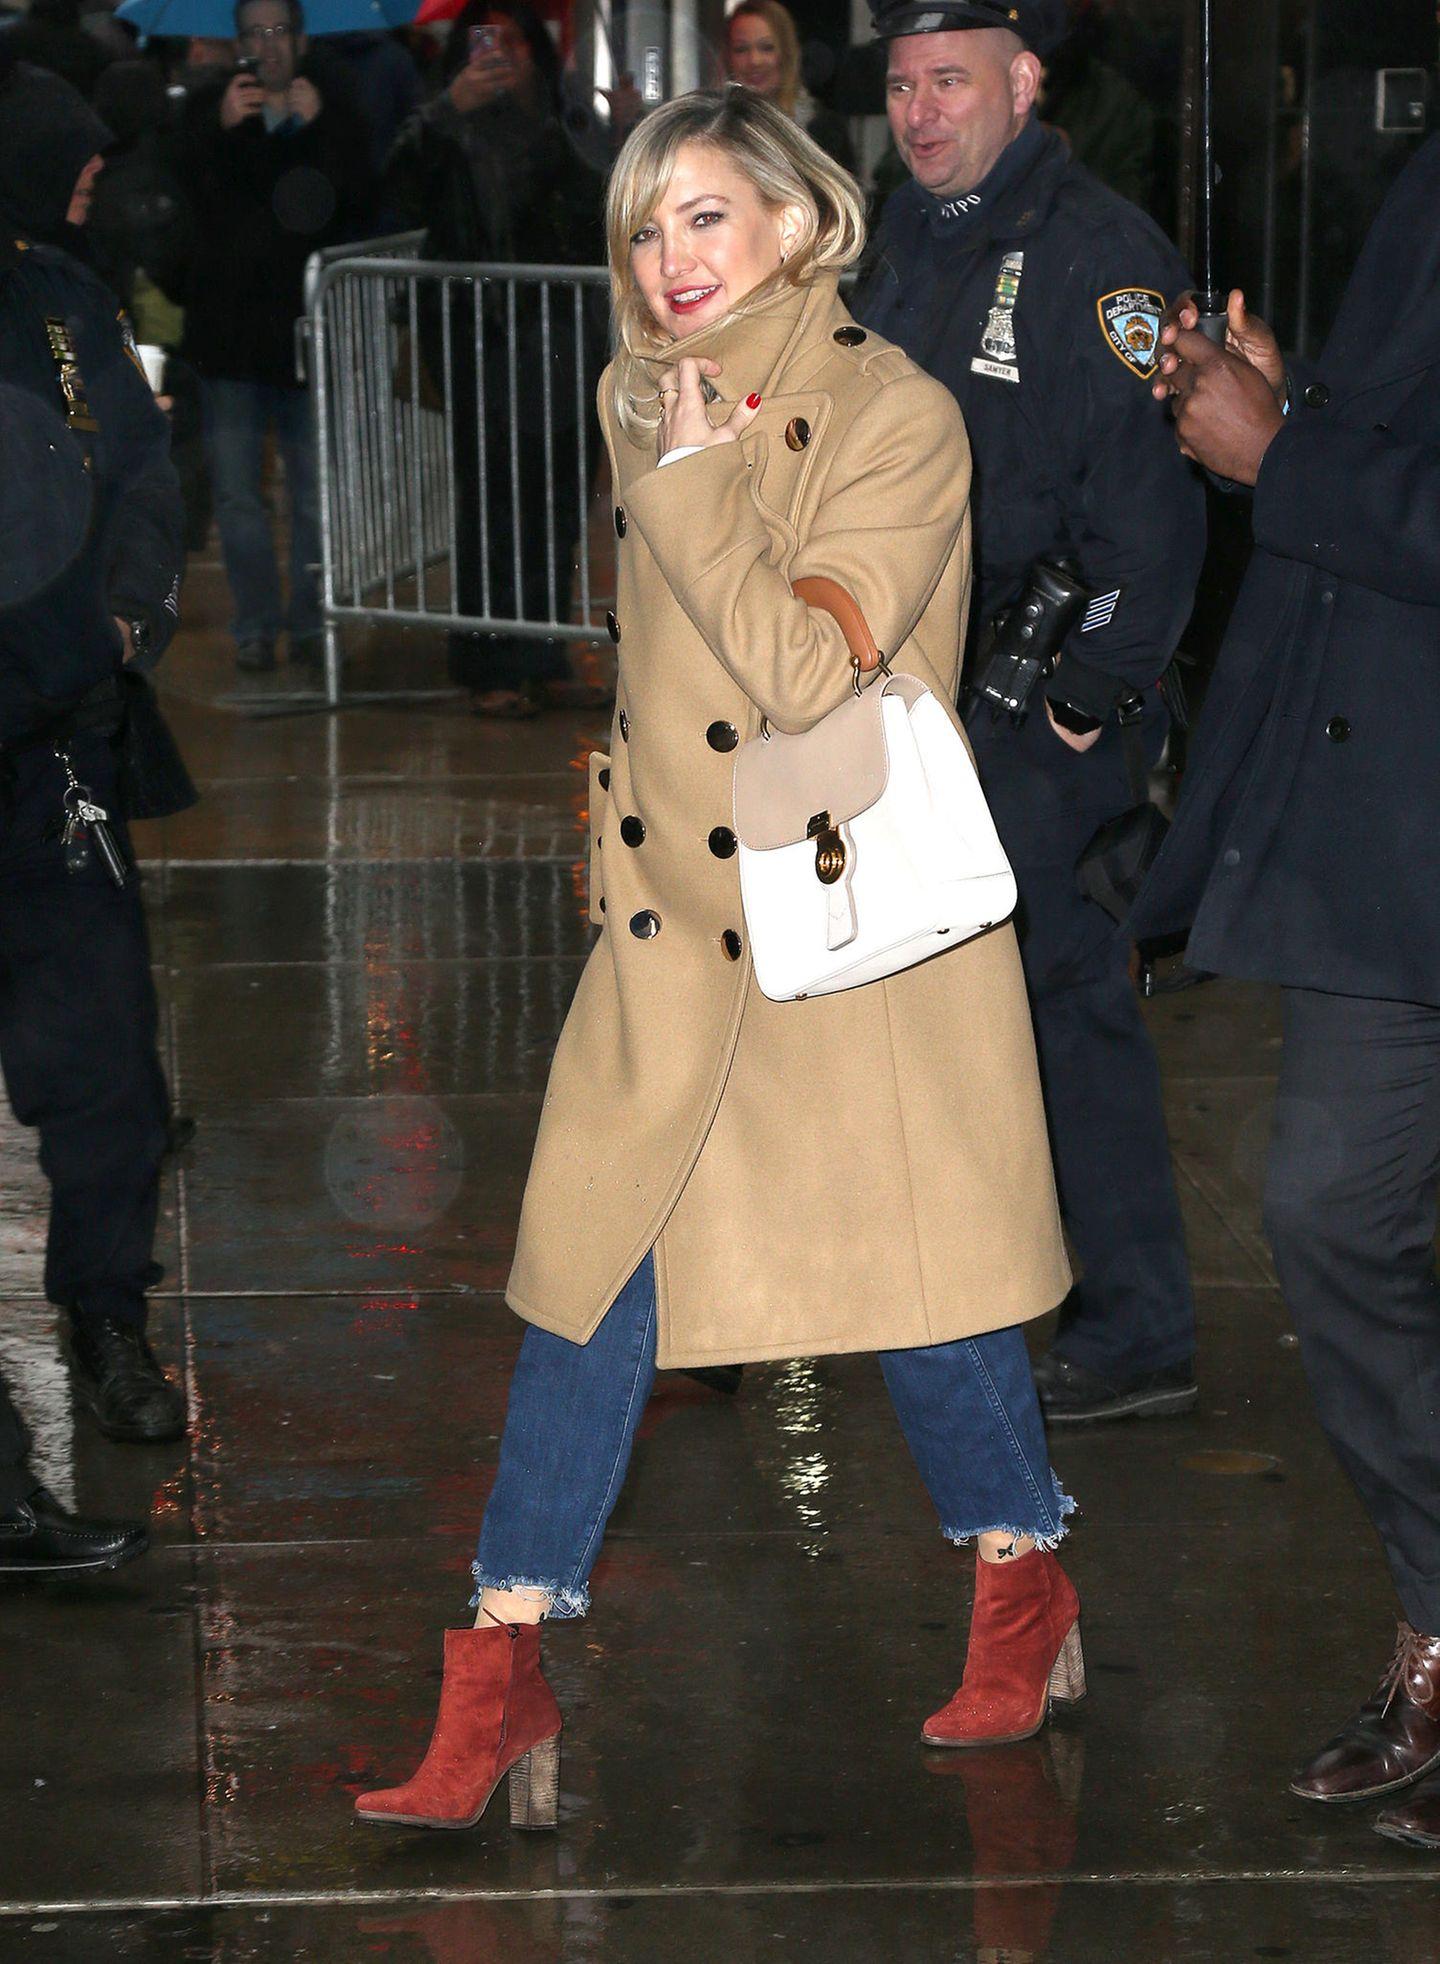 Selbst das fiese Schmuddelwetter kann Kate Hudsons super Style-Gespür nichts ausmachen. Mit ziegelroten Wildleder-Booties, abgeschnittenen Jeans und einem zeitlos-schönen, zweireihen Mantel in Beige macht sie wieder einmal alles richtig.